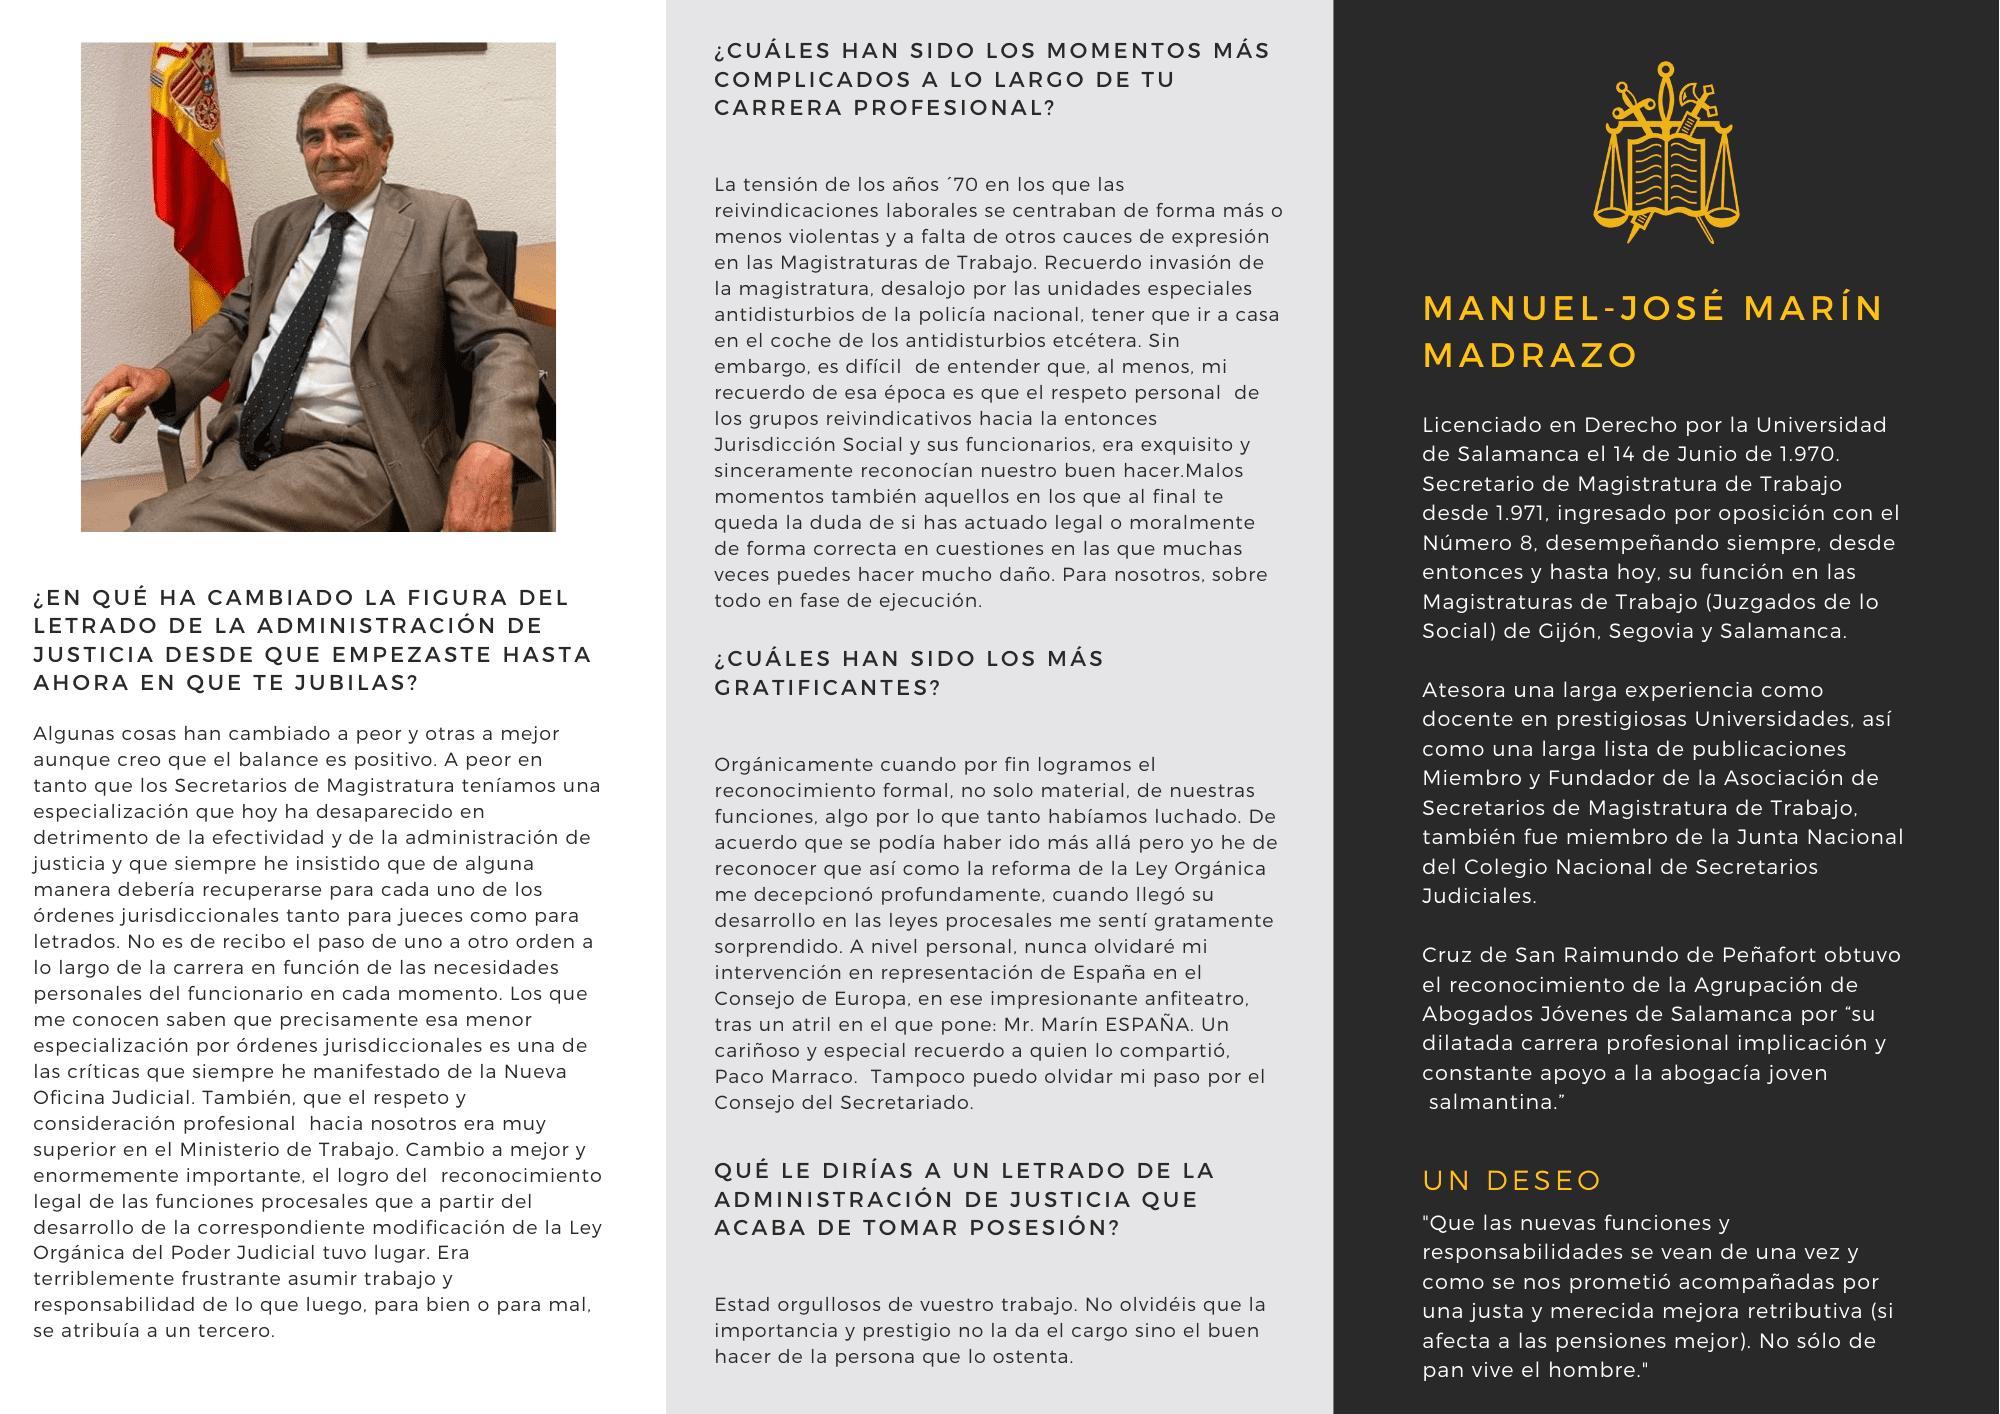 MANUEL-JOSÉ MARÍN MADRAZO quien es quien letrados de justicia